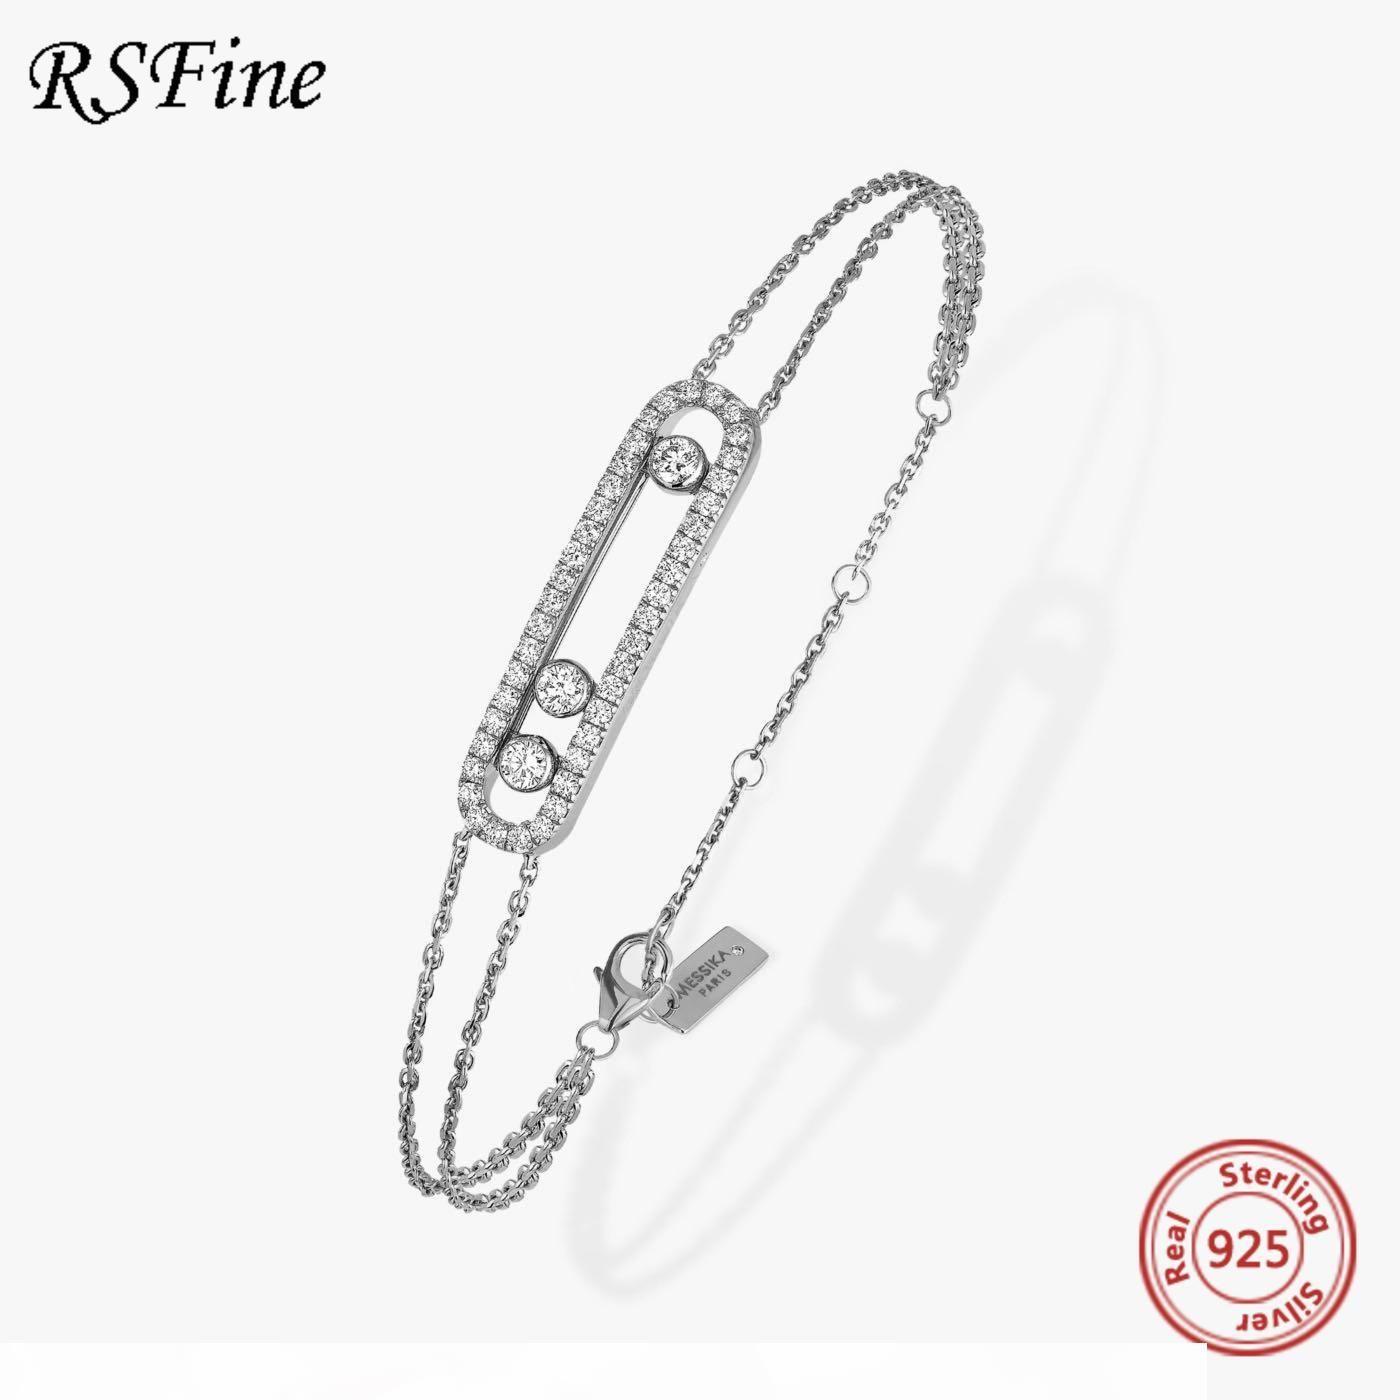 Frankreich Real 925 Sterling Silber Messima Armband mit drei bewegten Stein Klar CZ Für Mutter Frauen Feine berühmte Marke Schmuck 1028